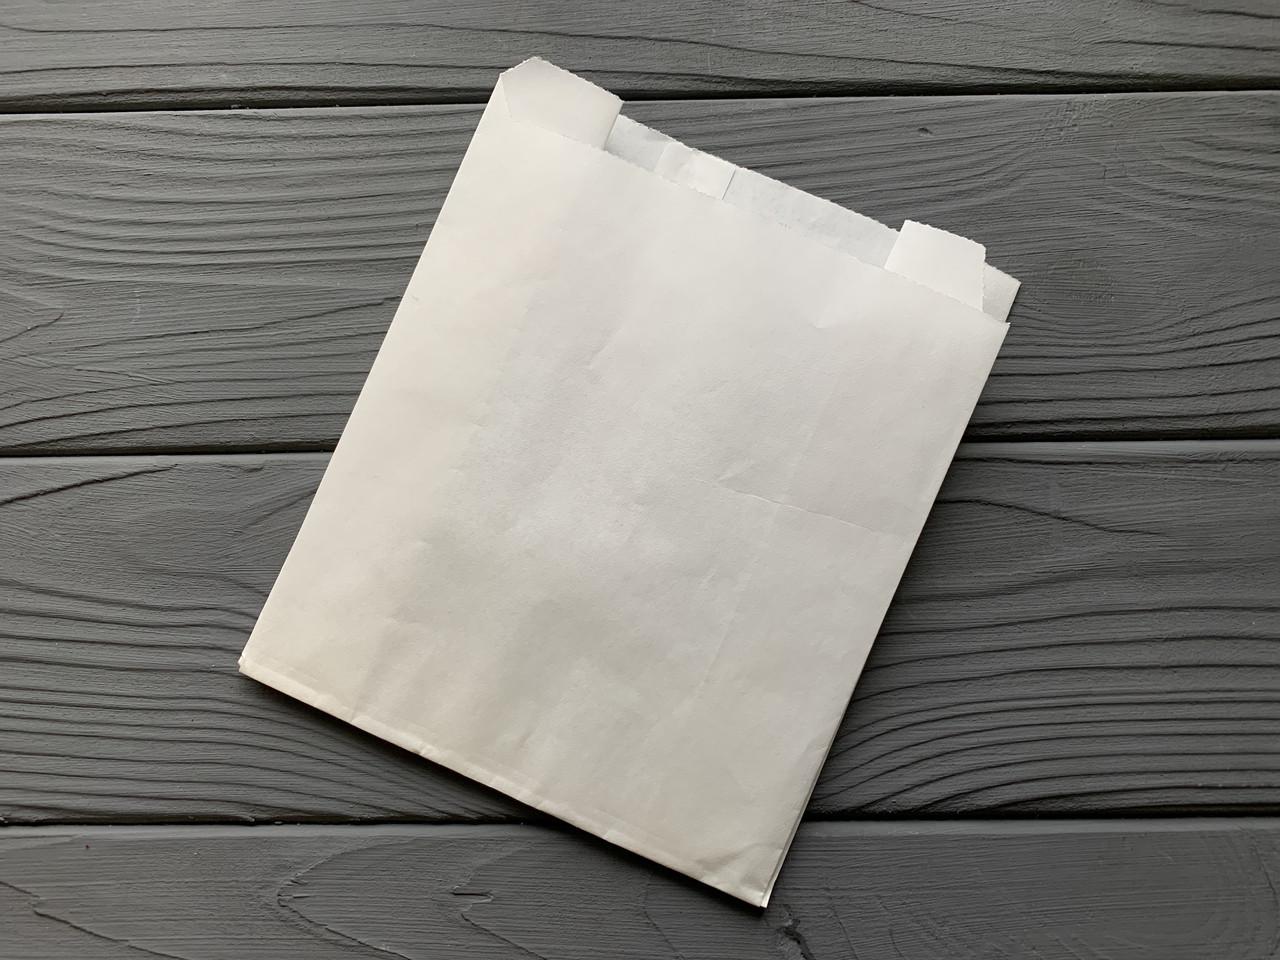 Упаковка для картофеля фри большая (150-200г) 1785